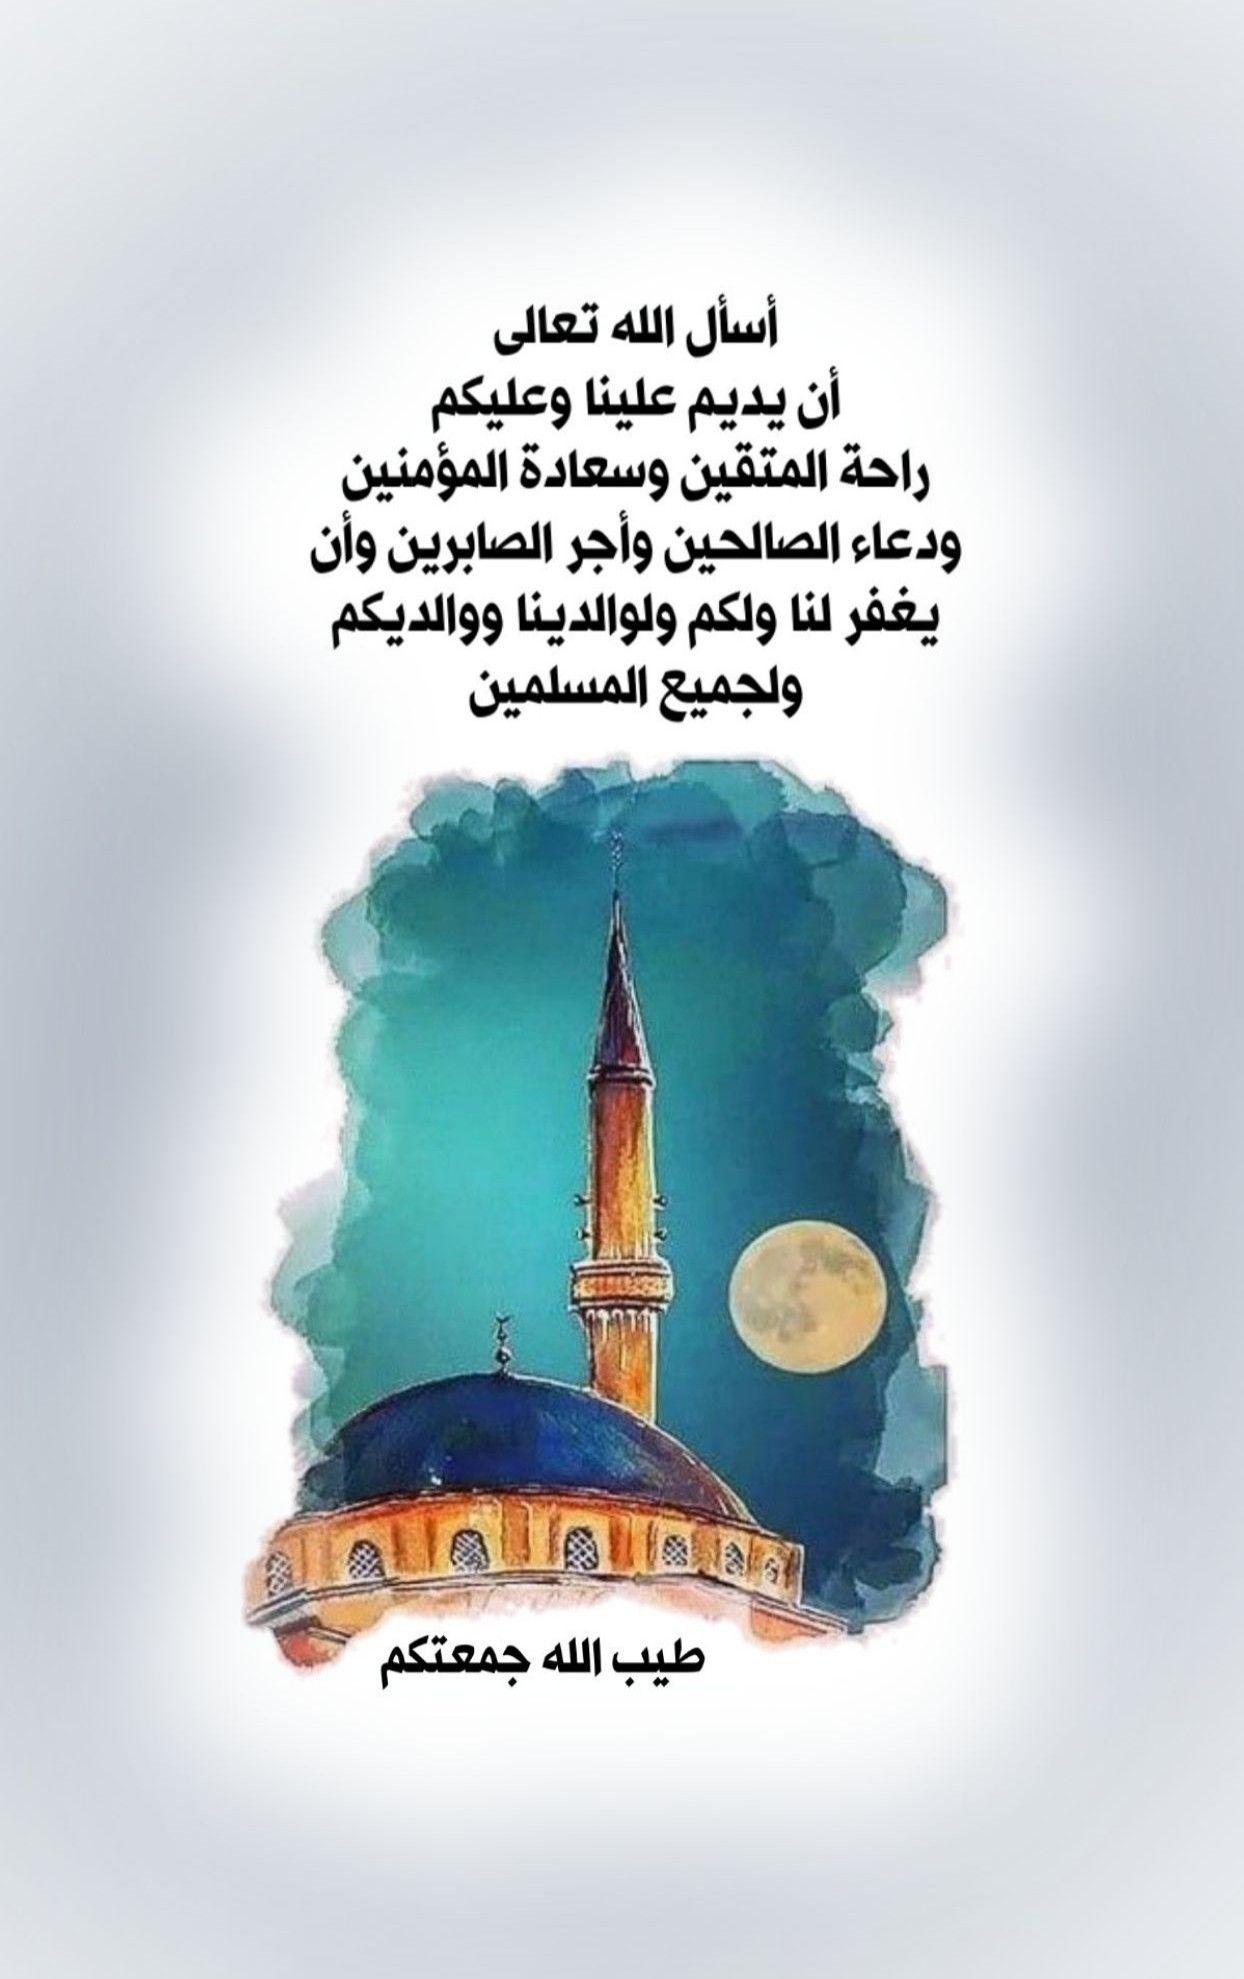 أسال الله تعالى أن يديم علينا وعليكم راحة المتقين وسعادة المؤمنين ودعاء الصالحين وأجر الصا Islamic Inspirational Quotes Islamic Quotes Quran Islamic Quotes